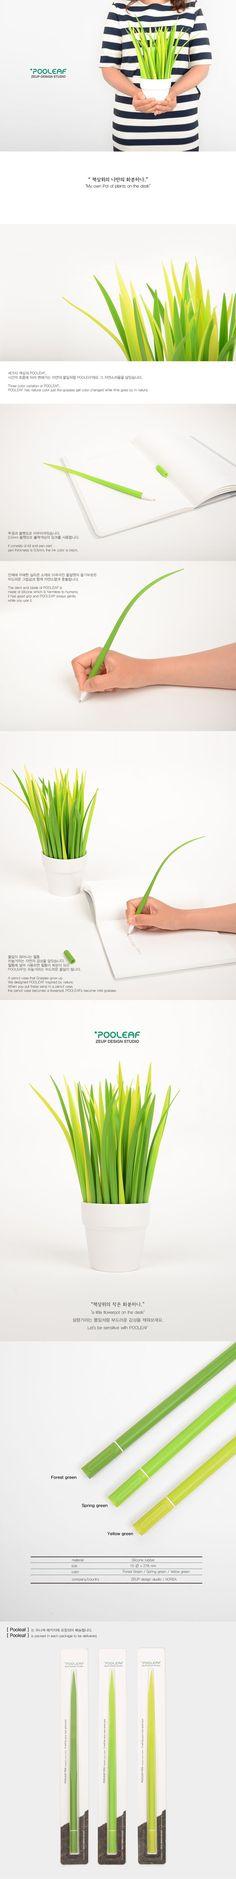 Una penna ispirata alla natura